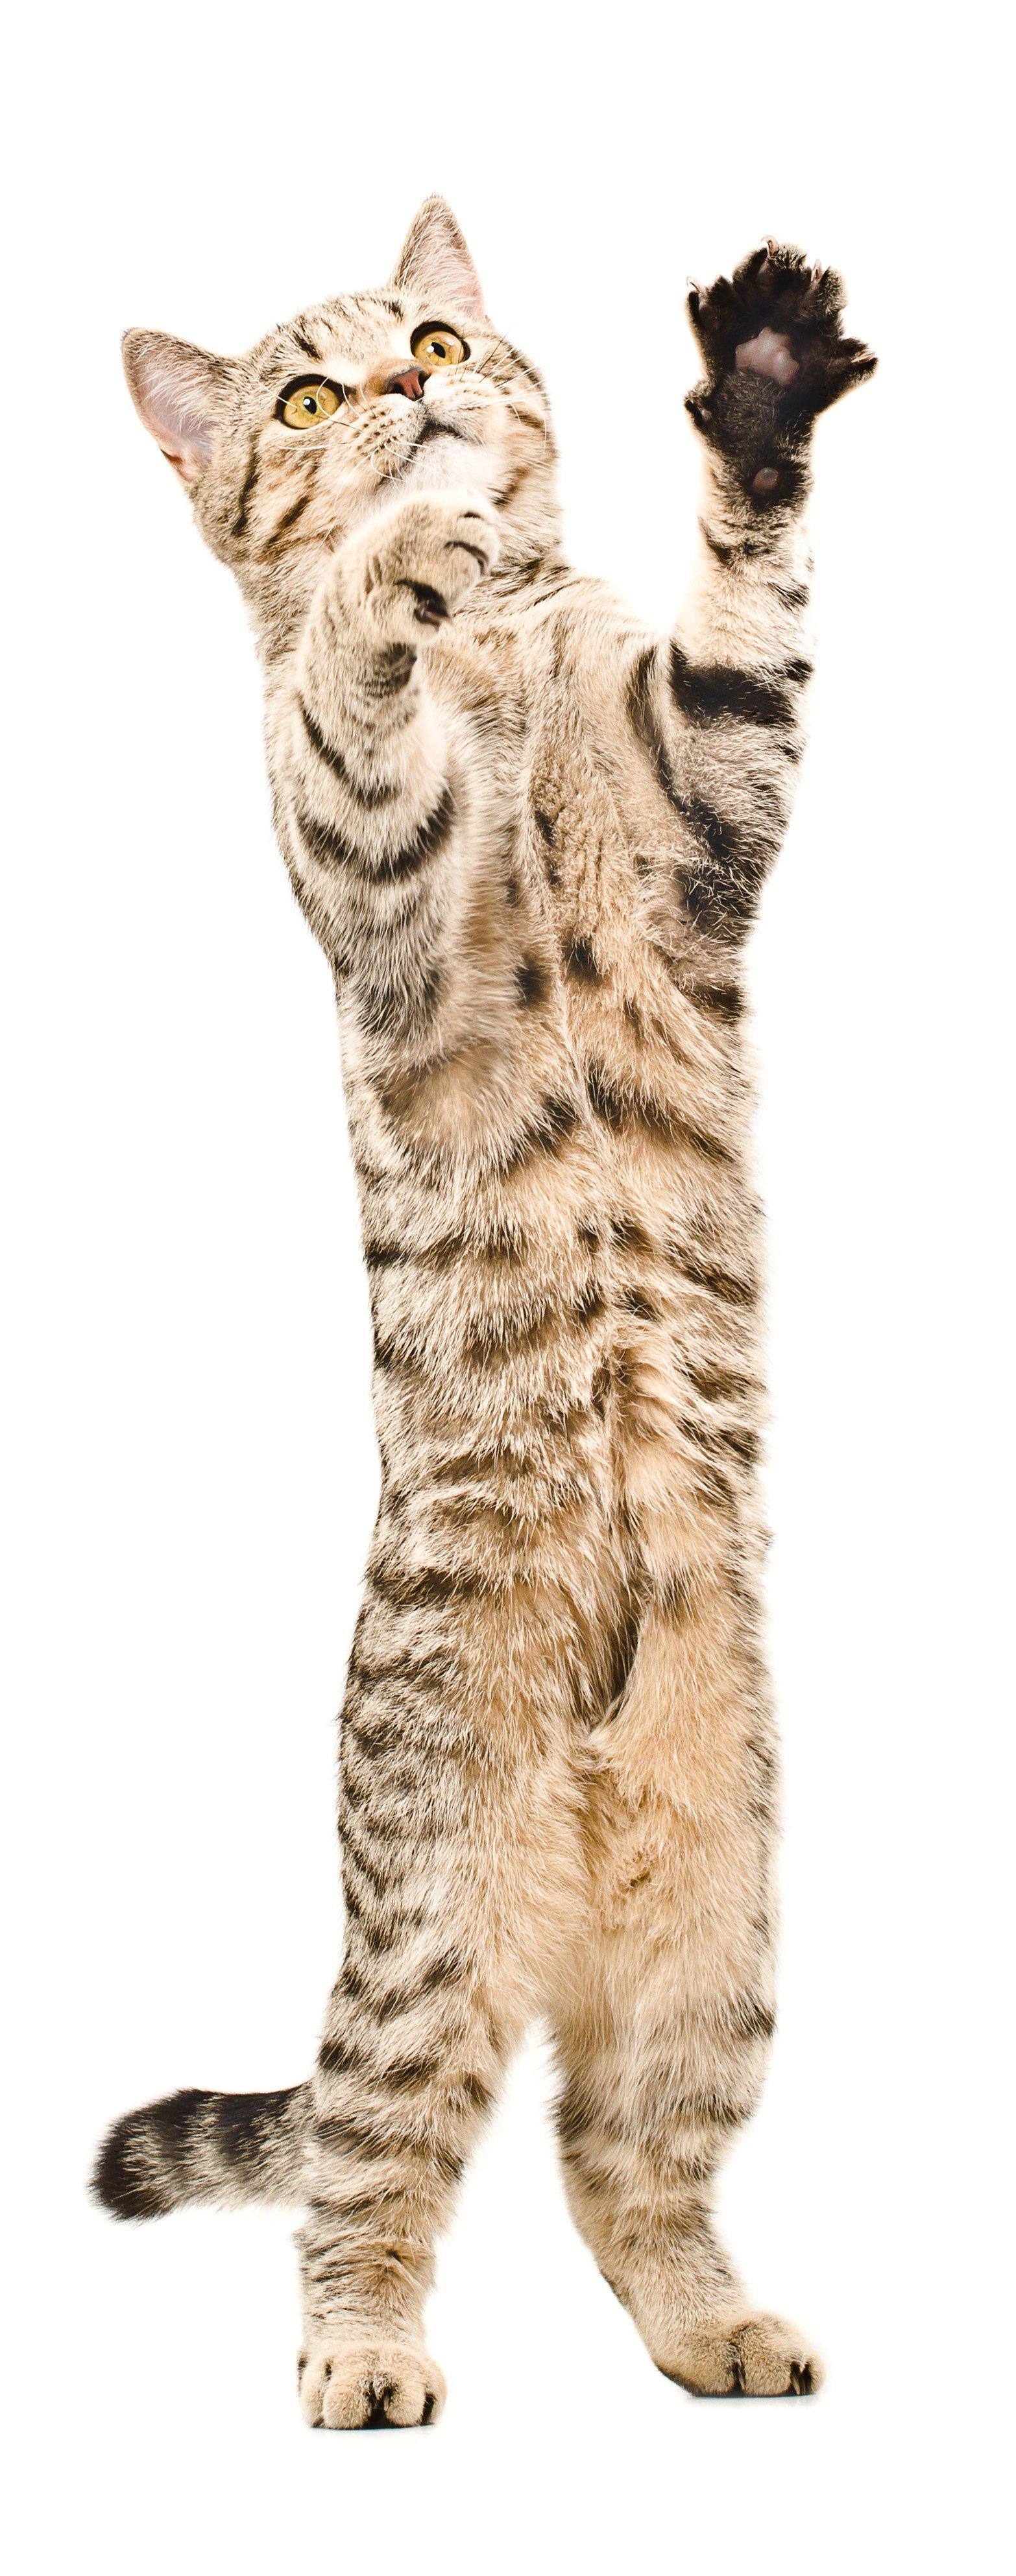 Cute playful kitten Scottish Straight